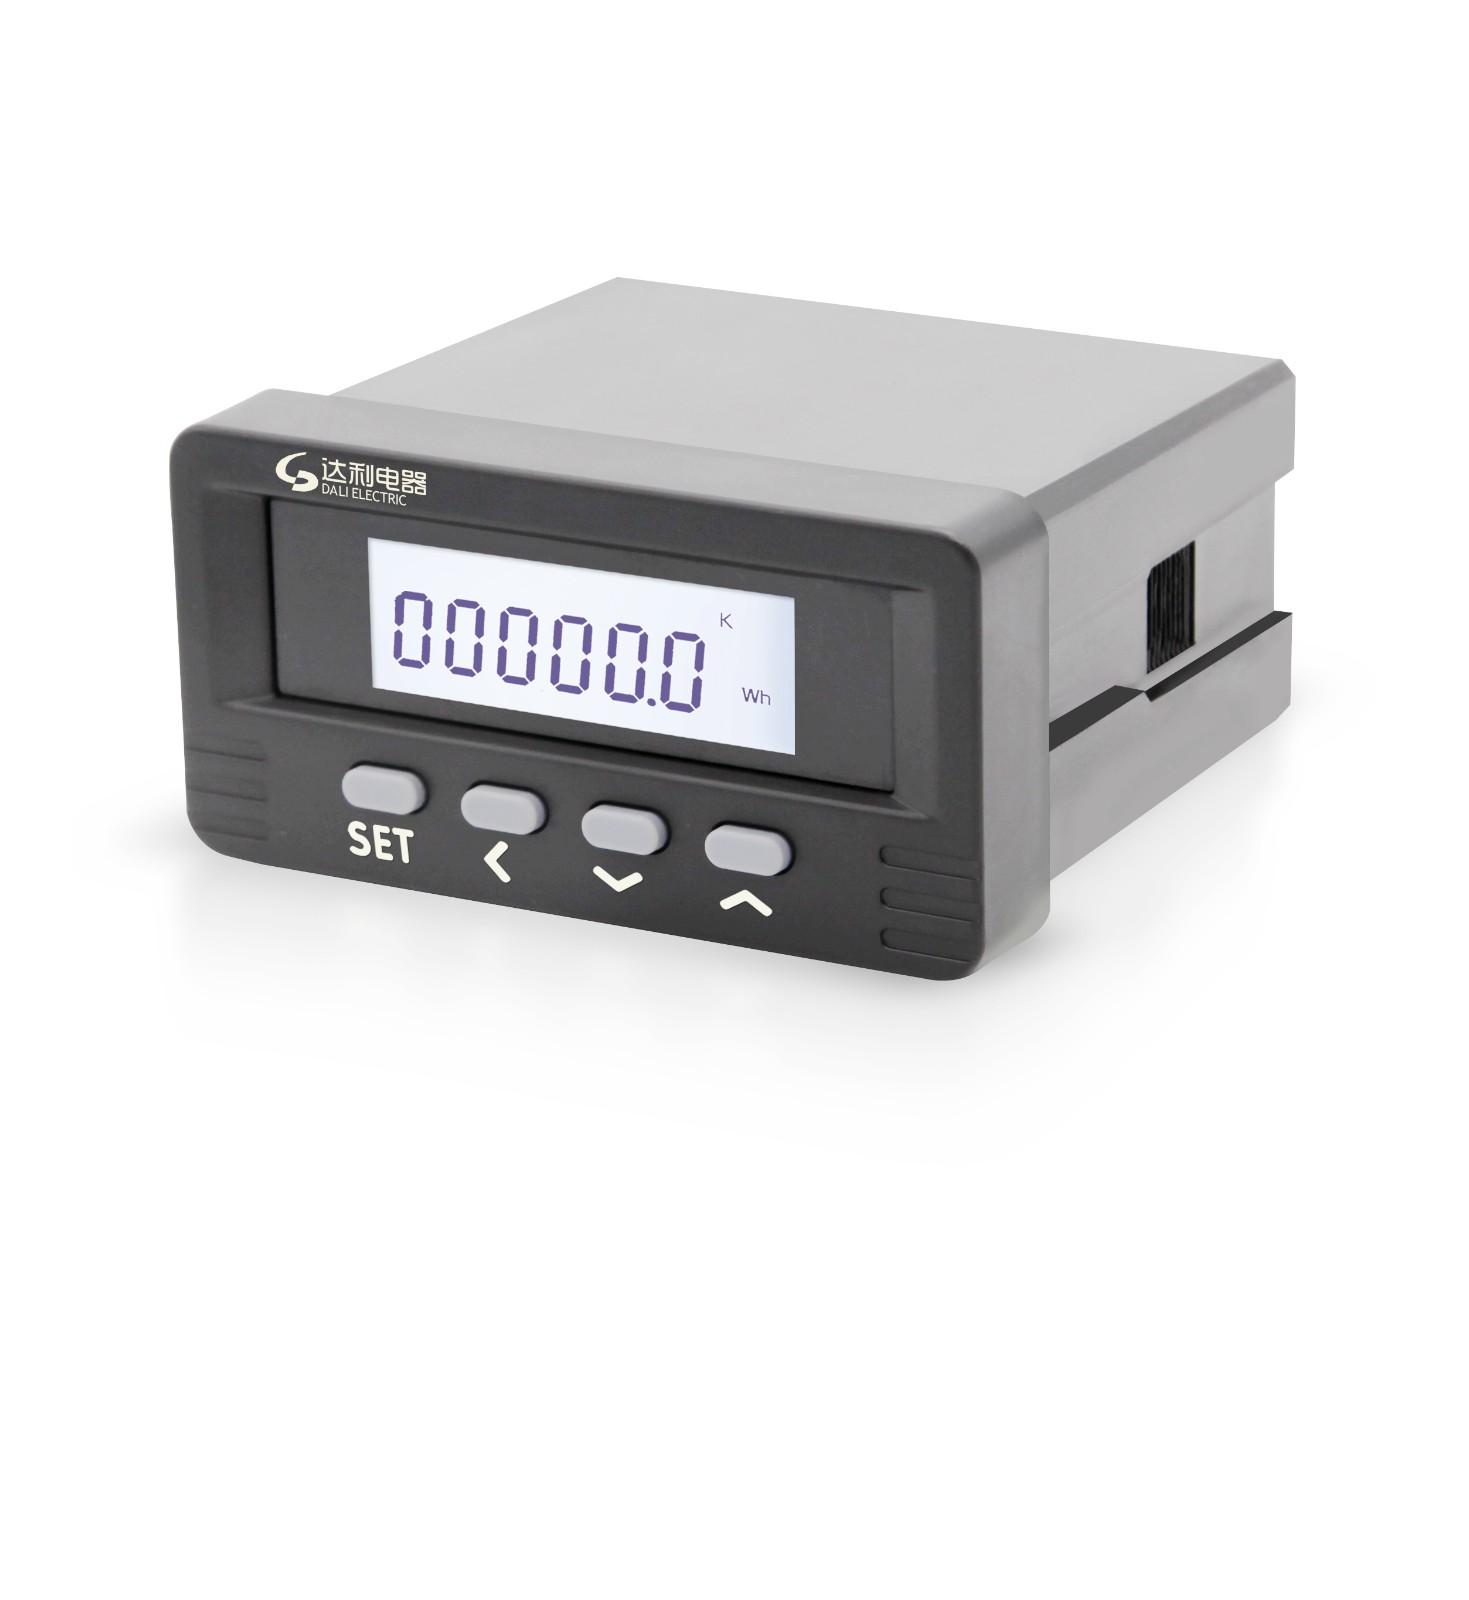 娄底市KNP-CD194U-DX4数显仪表厂家供货